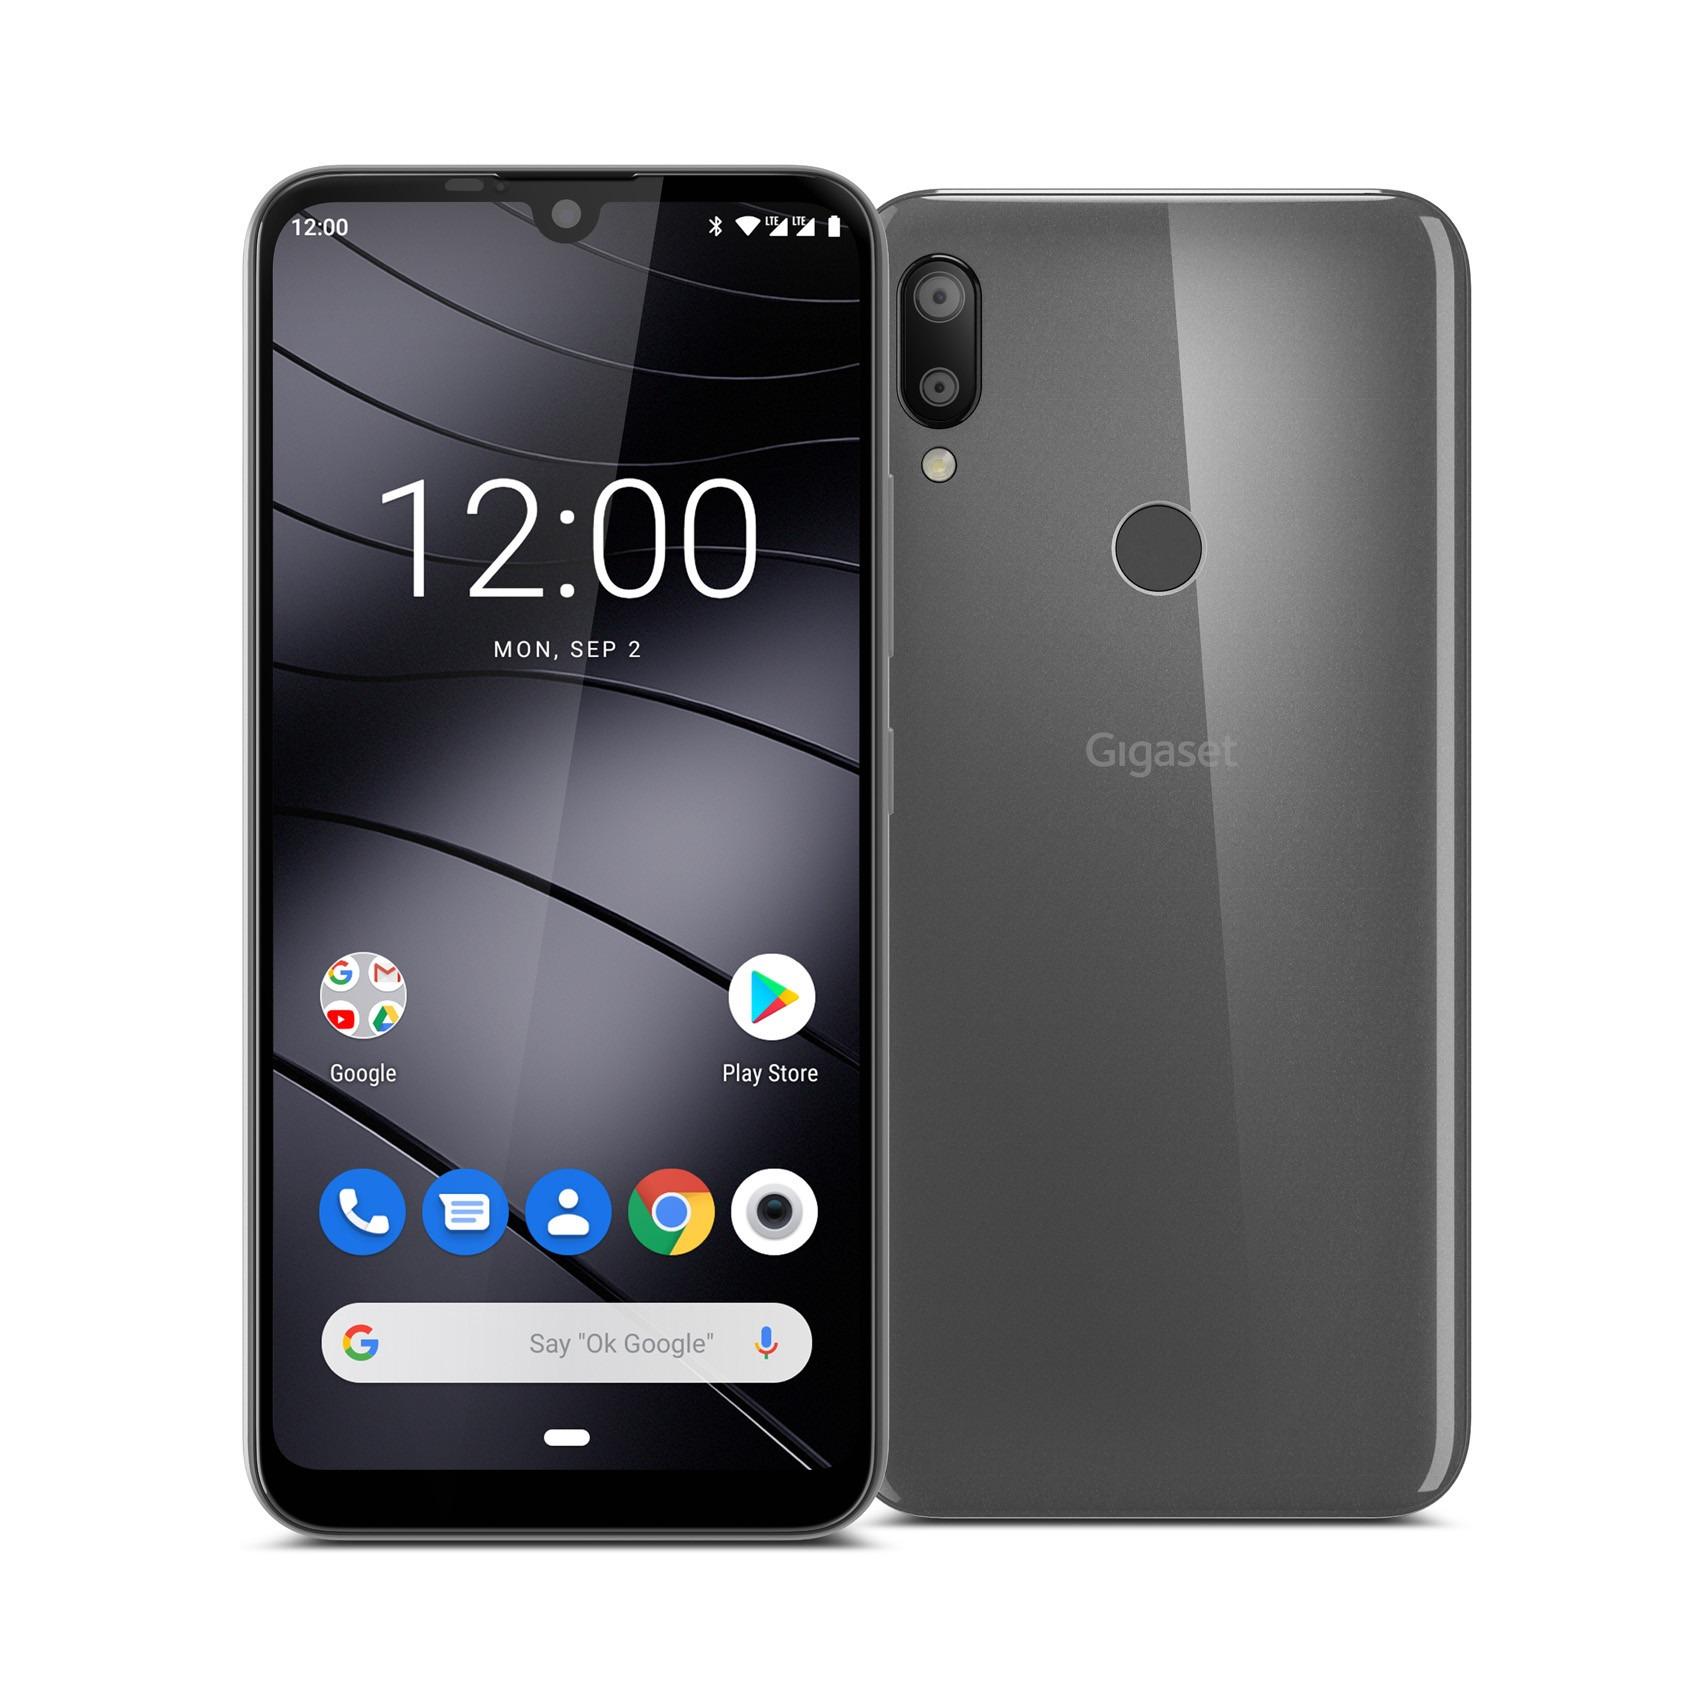 Op Perfect Plasma is alles over telefoons te vinden: waaronder expert en specifiek Gigaset GS190 16GB Smartphone